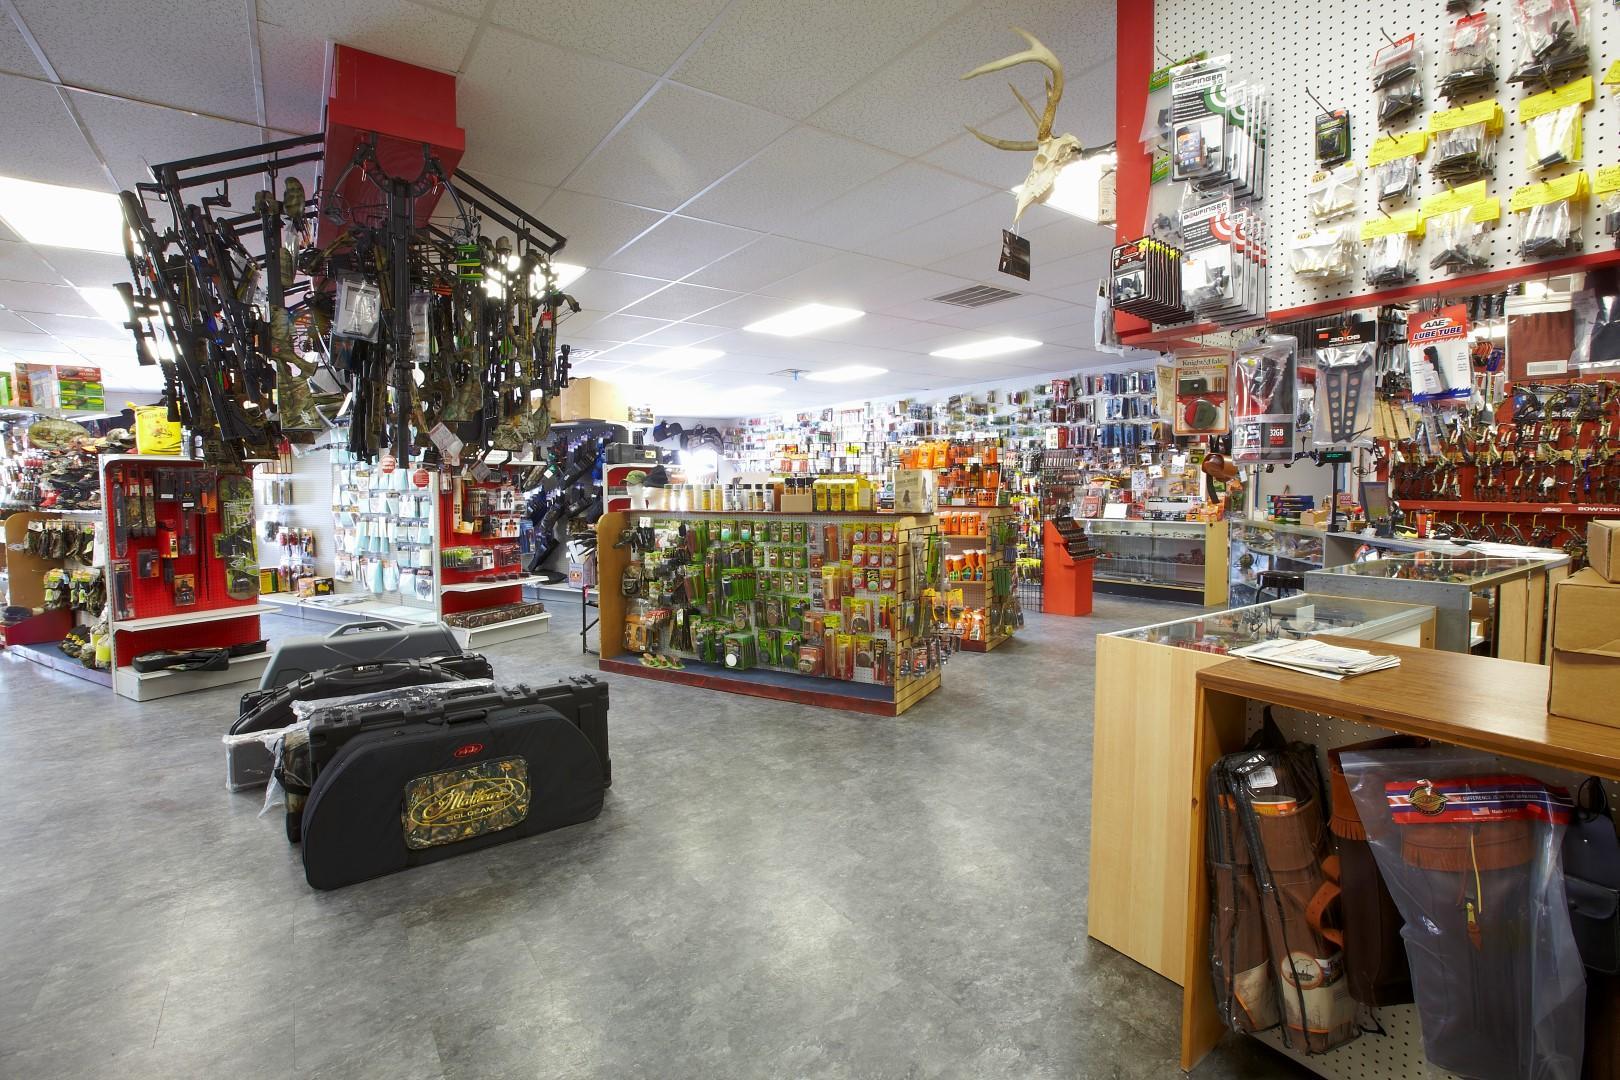 interior-of-store